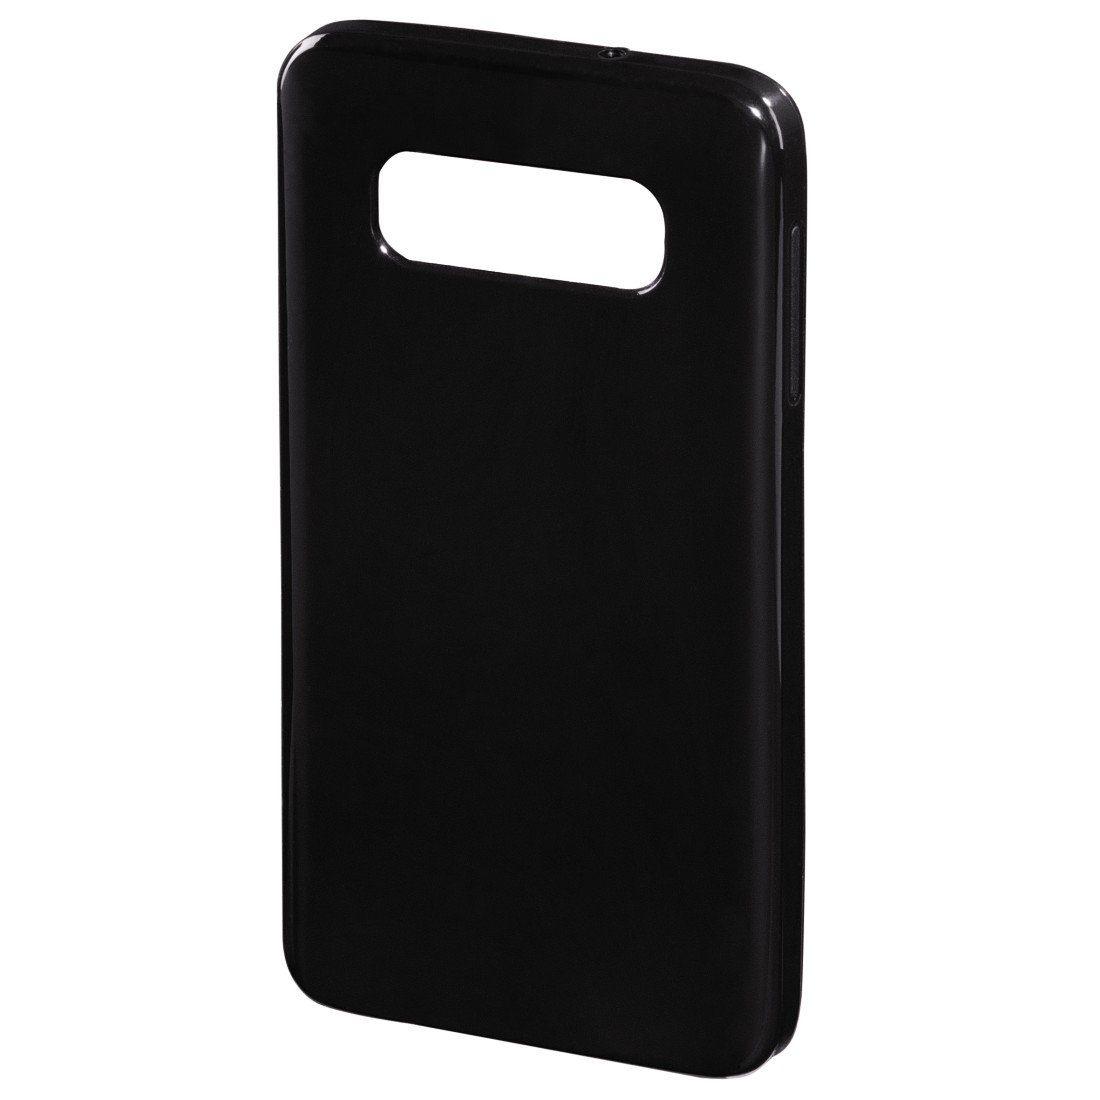 Hama Cover Crystal für Samsung Galaxy A3, Schwarz